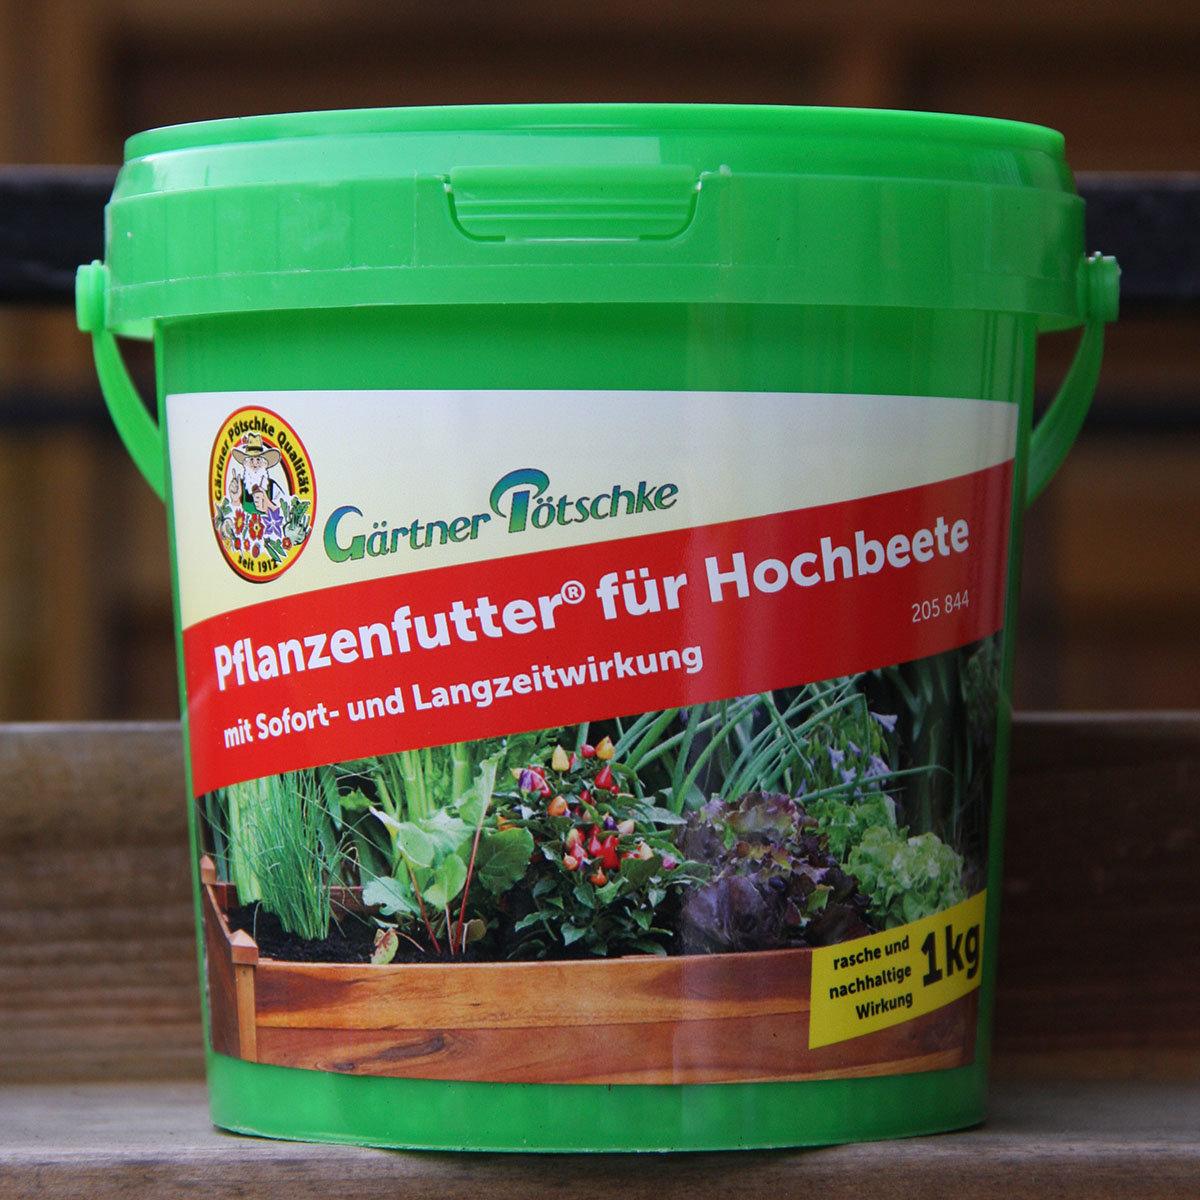 Gärtner Pötschke Pflanzenfutter für Hochbeete, 1 kg